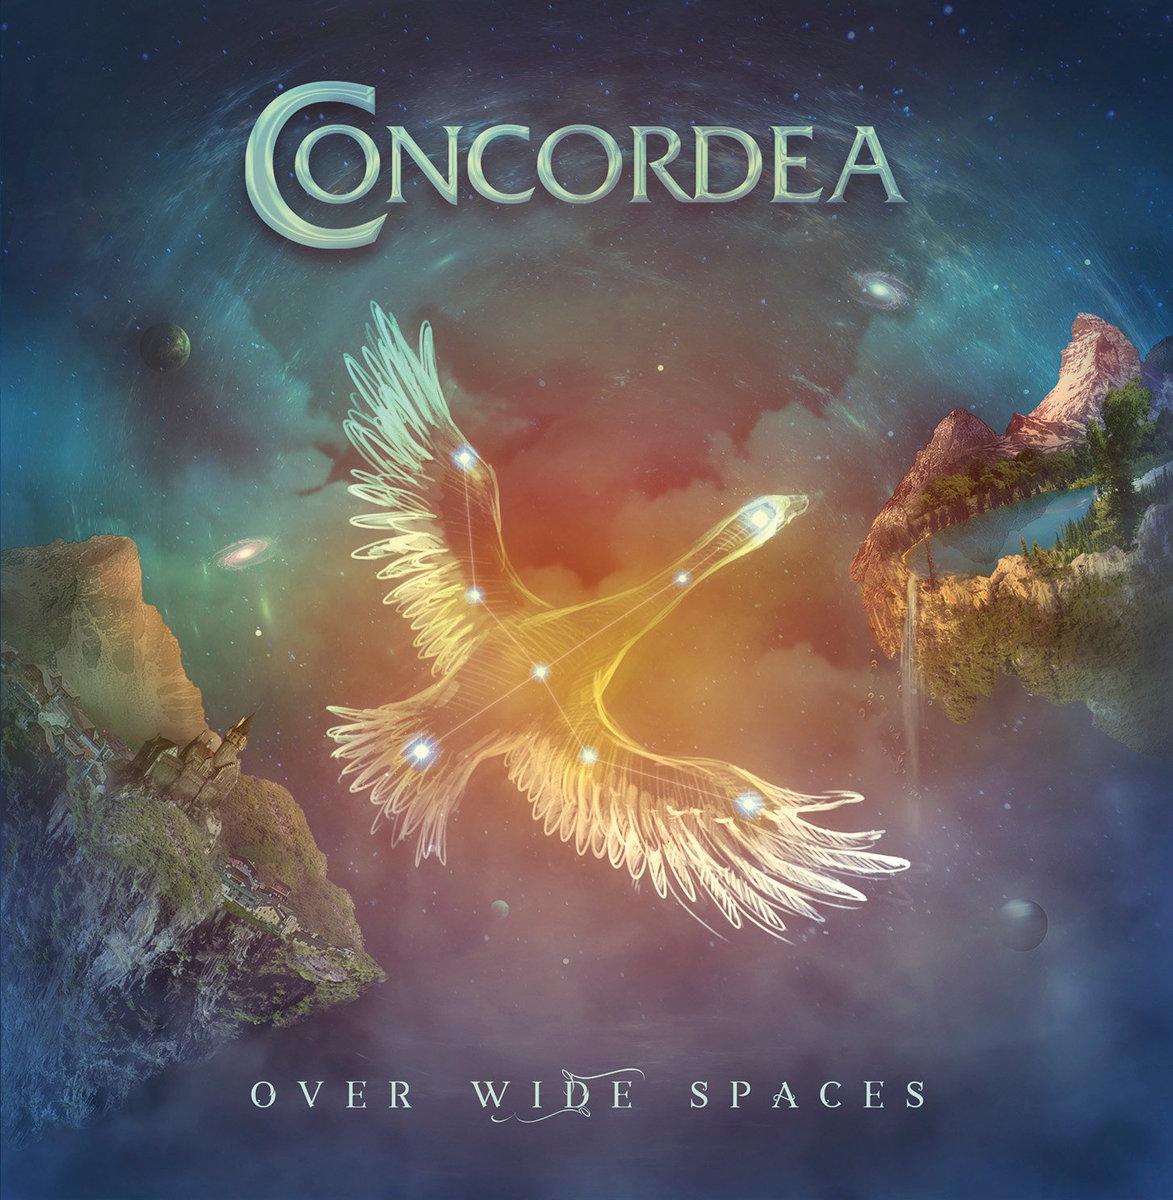 Concordea - cover